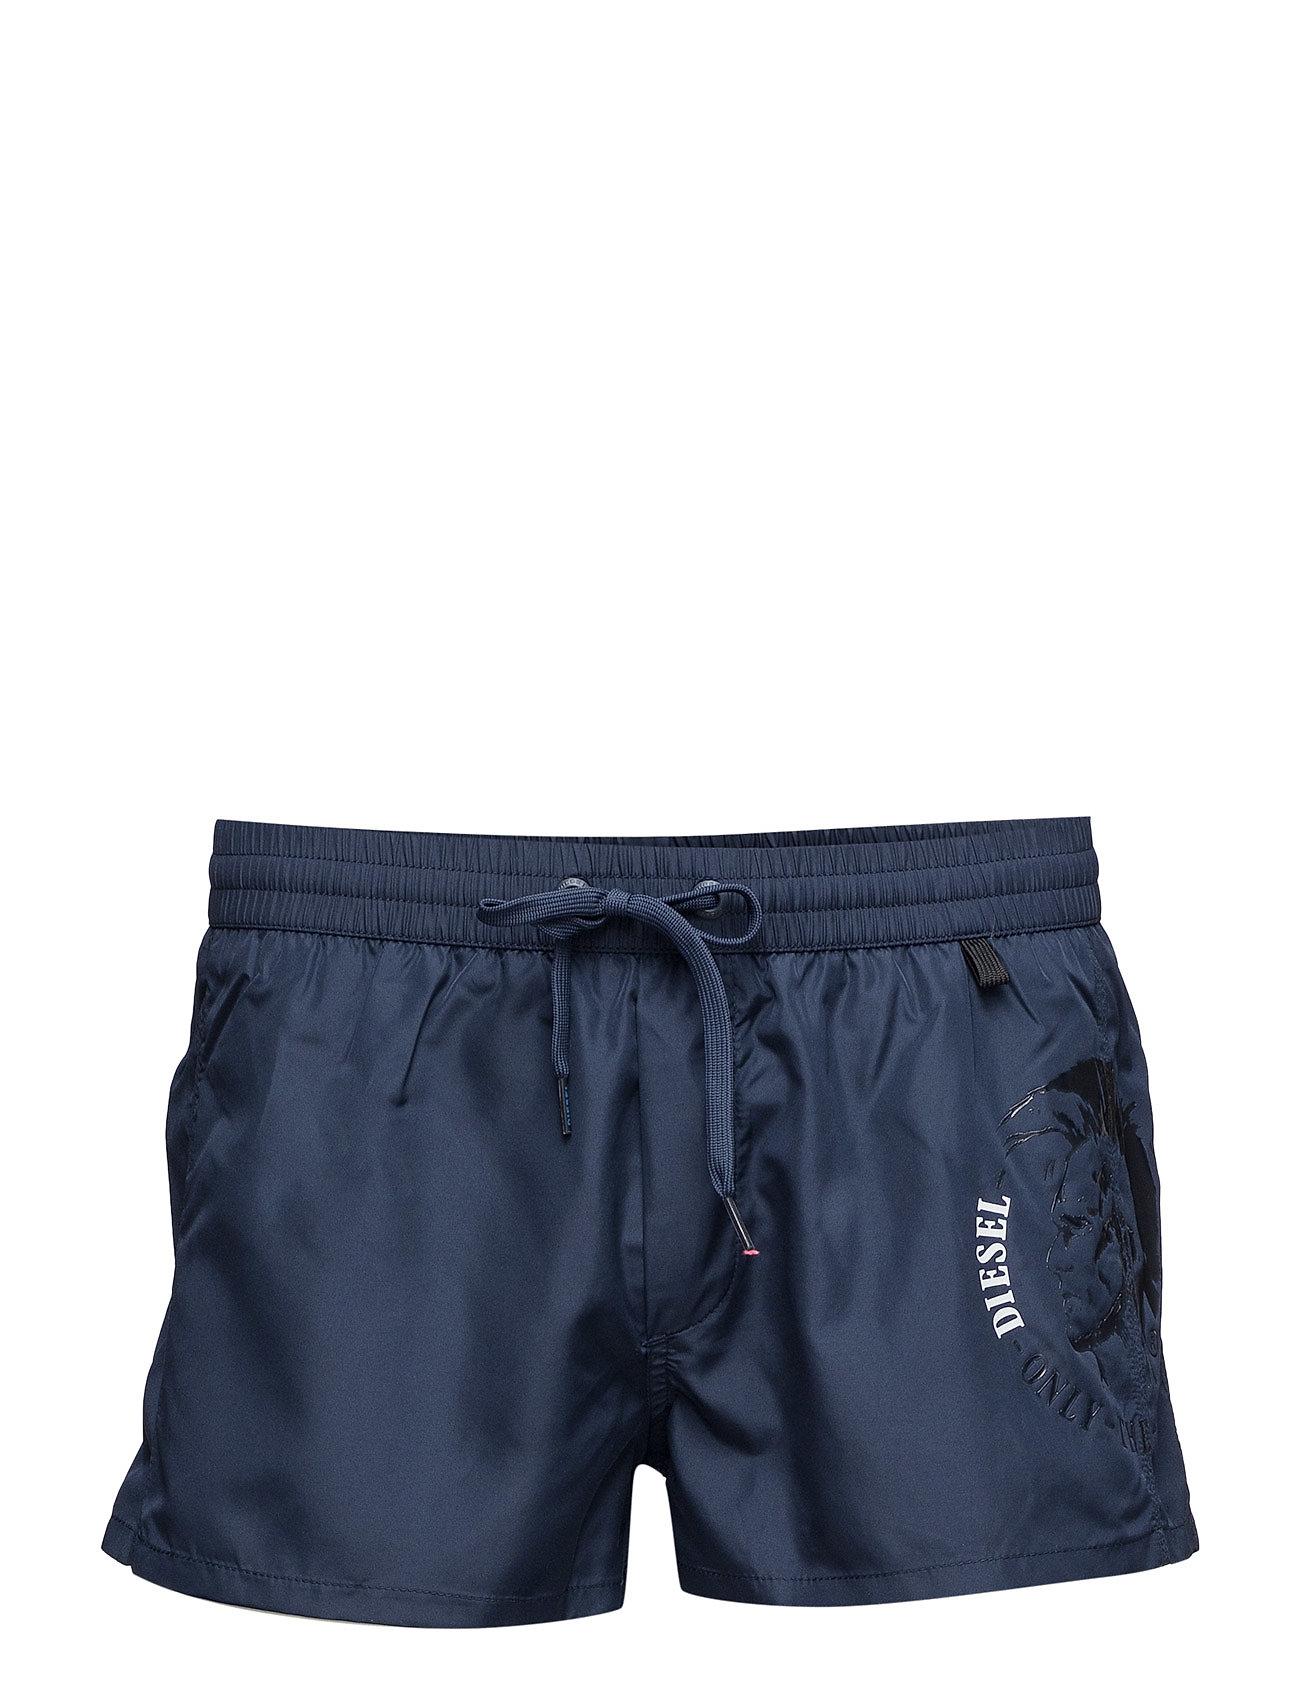 Bmbx-Sandy-E Shorts Diesel Men Shorts til Herrer i Sort